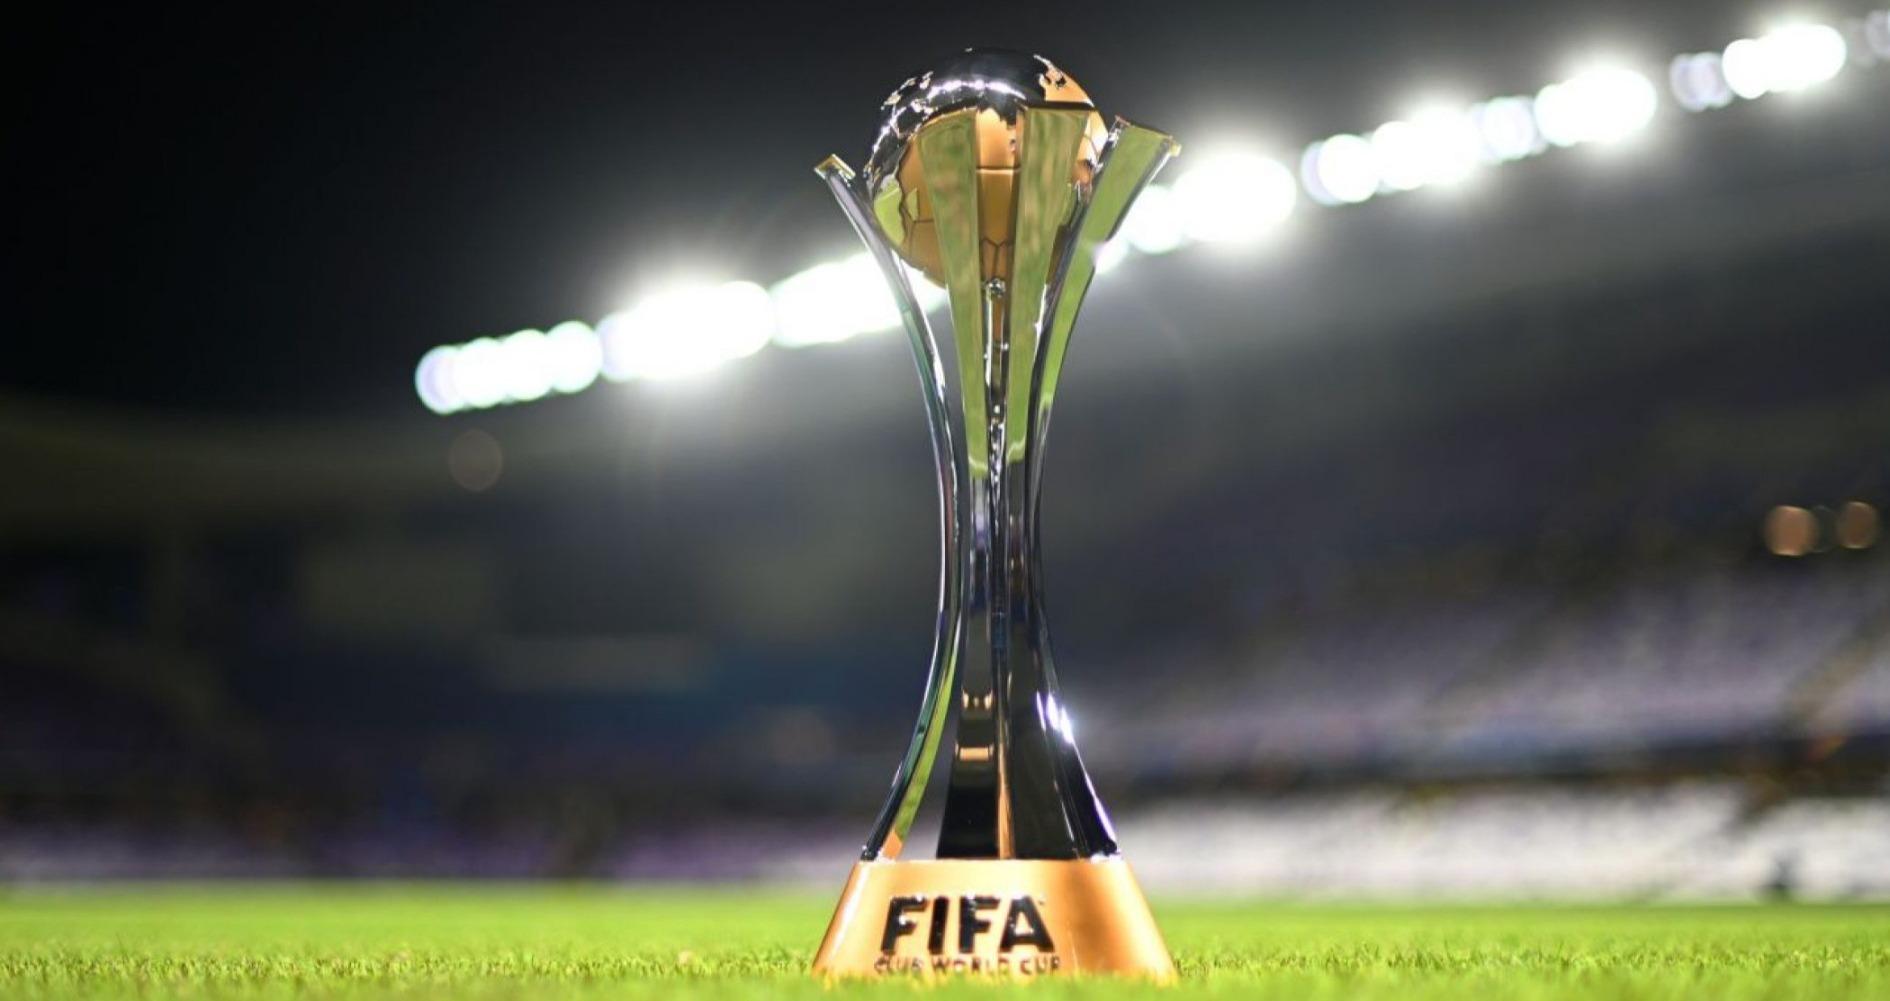 اليابان تتراجع عن تنظيم كأس العالم للأندية